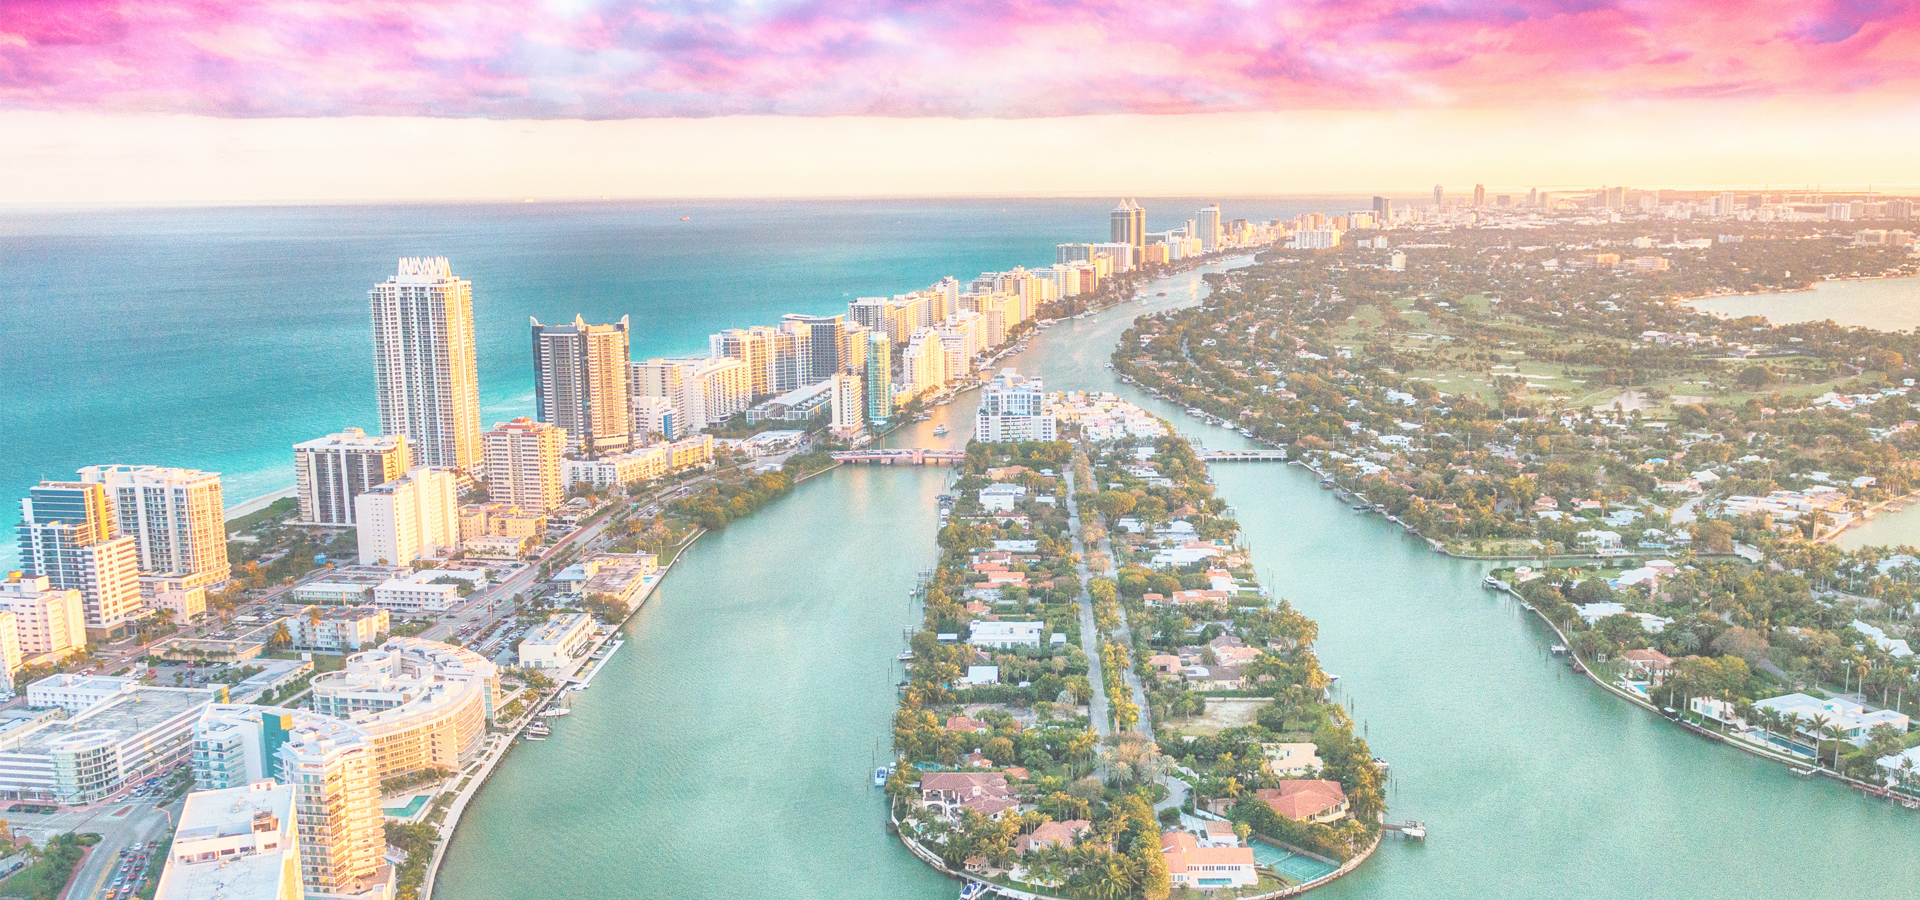 Peer-to-peer advisory in Miami, Florida, USA